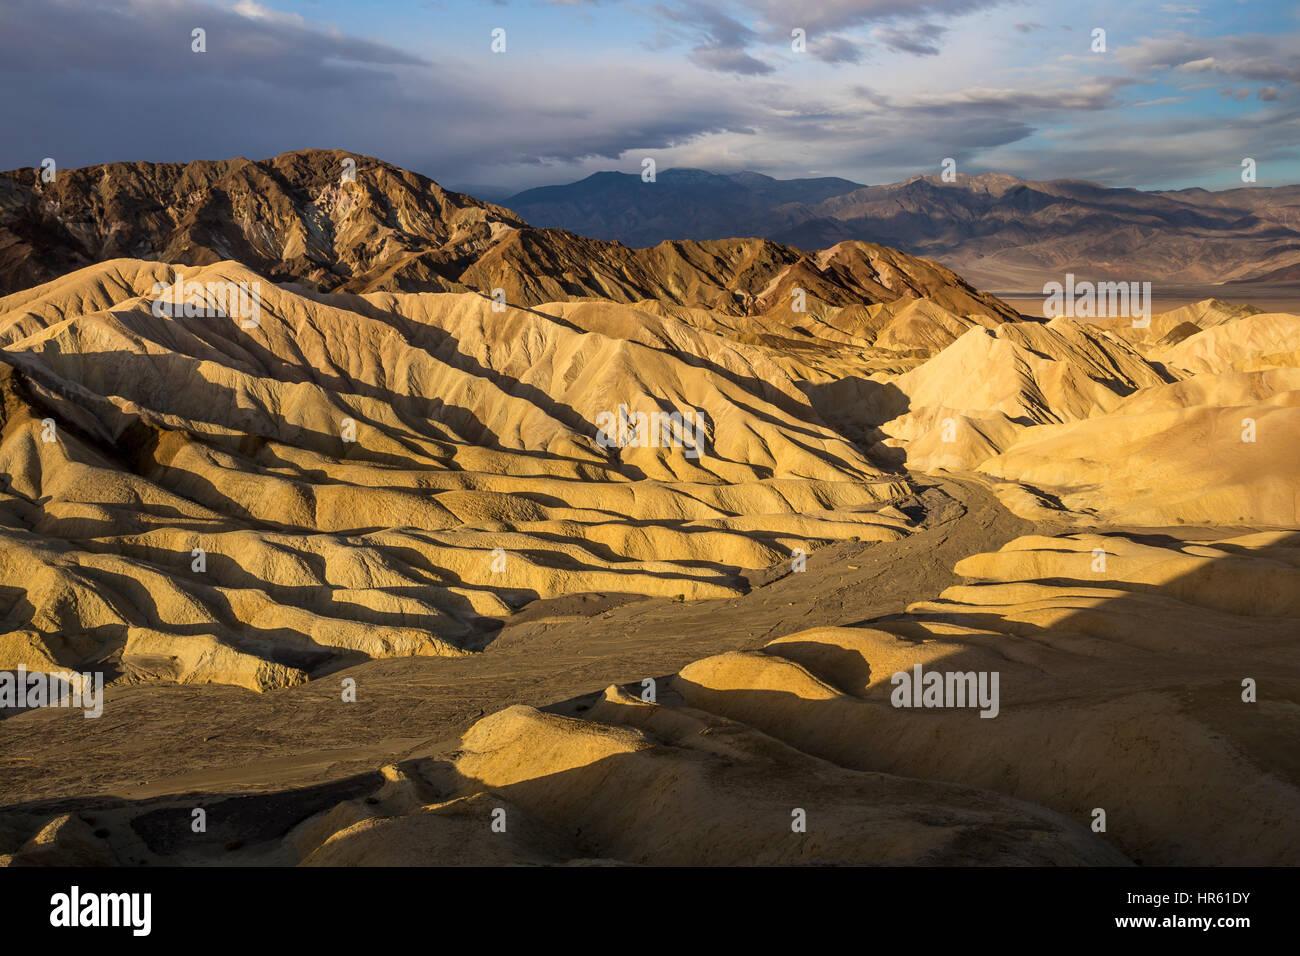 Zabriskie viewpoint, Zabriskie Point, Death Valley National Park, Death Valley, California, United States, North - Stock Image